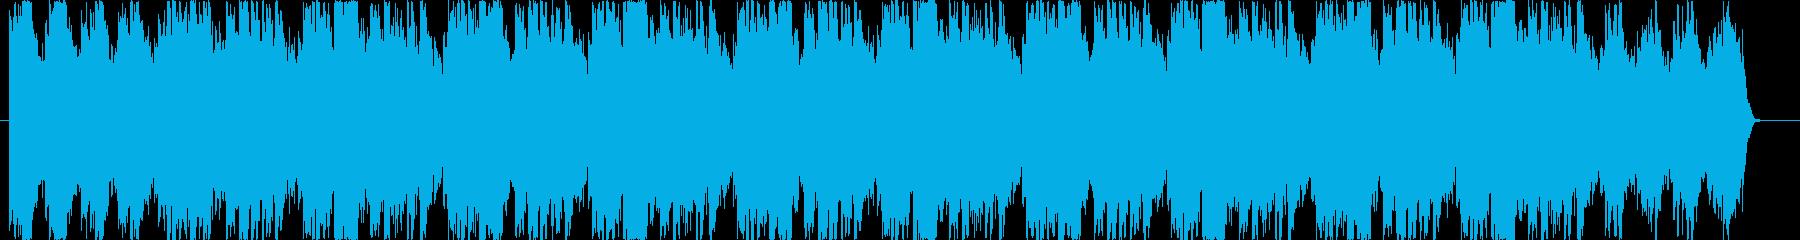 アコギが優しい癒し系のBGMの再生済みの波形